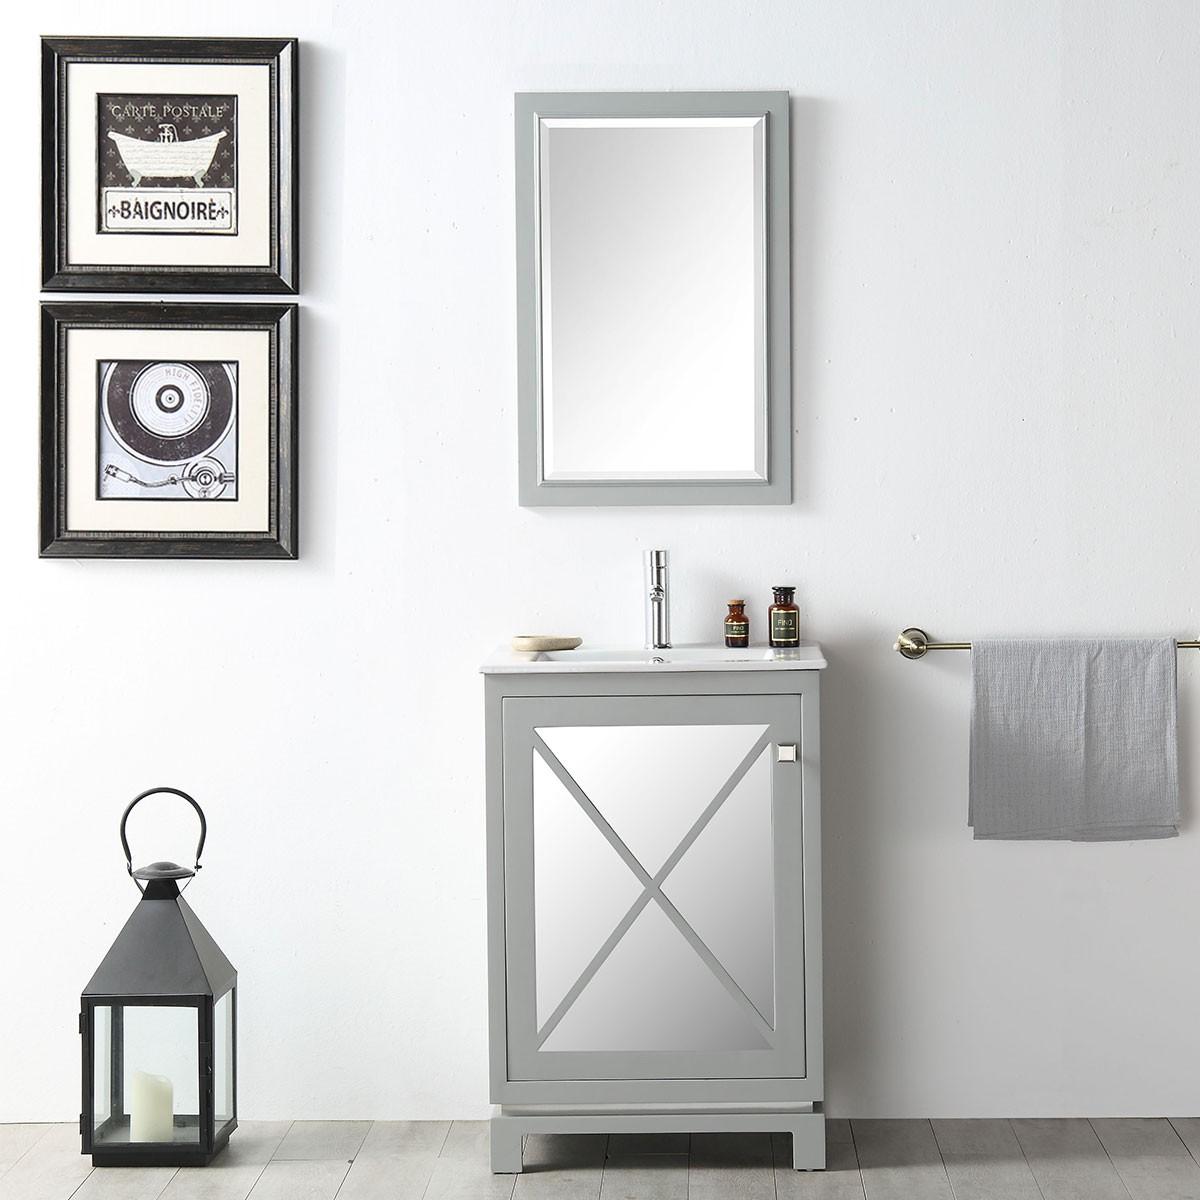 24 In. Freestanding Bathroom Vanity Set (DK-N524-CG-SET)